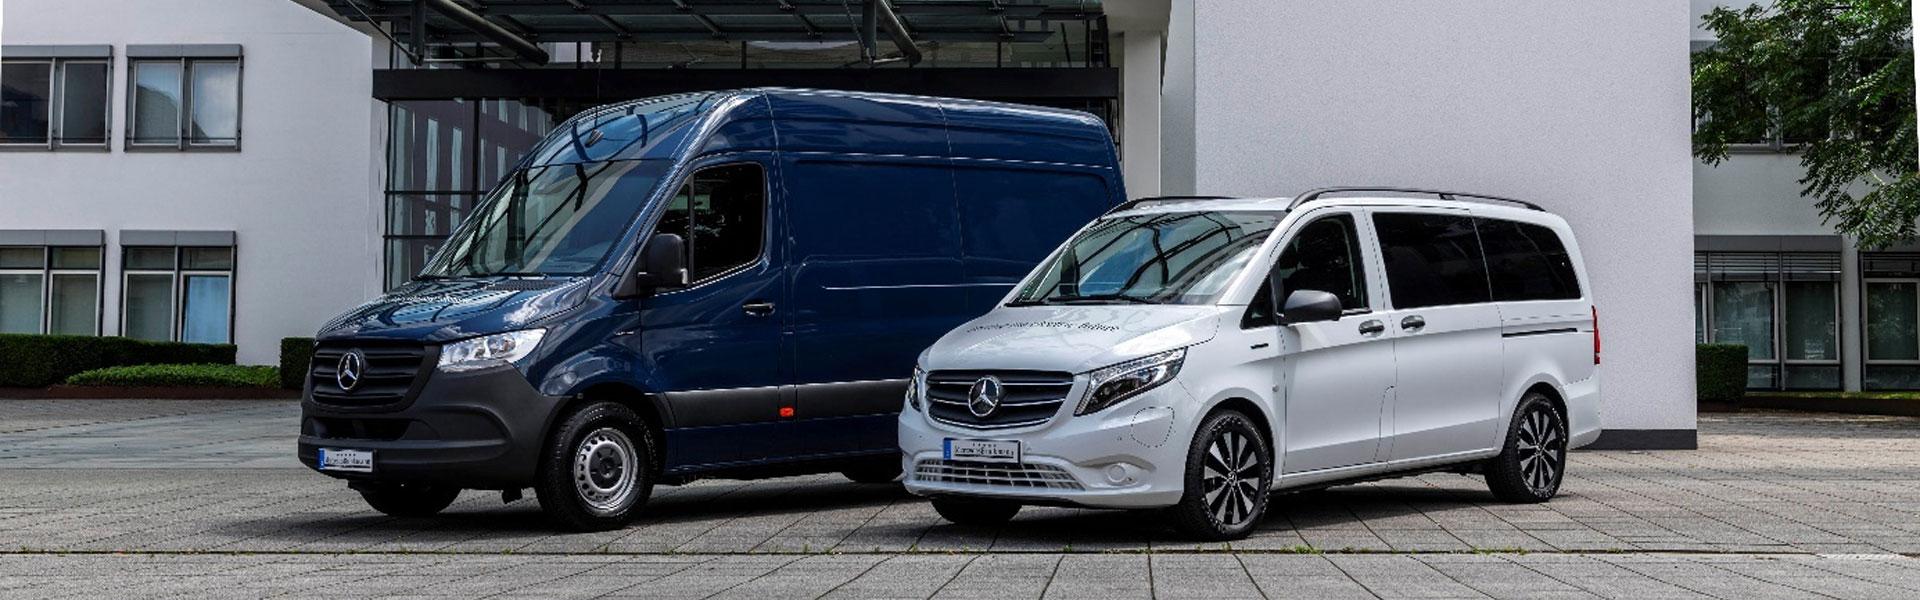 Mercedes-Benz-Brinkmann-Transporter-ServiceCare-für-Fahrzeugbesitzer-Header